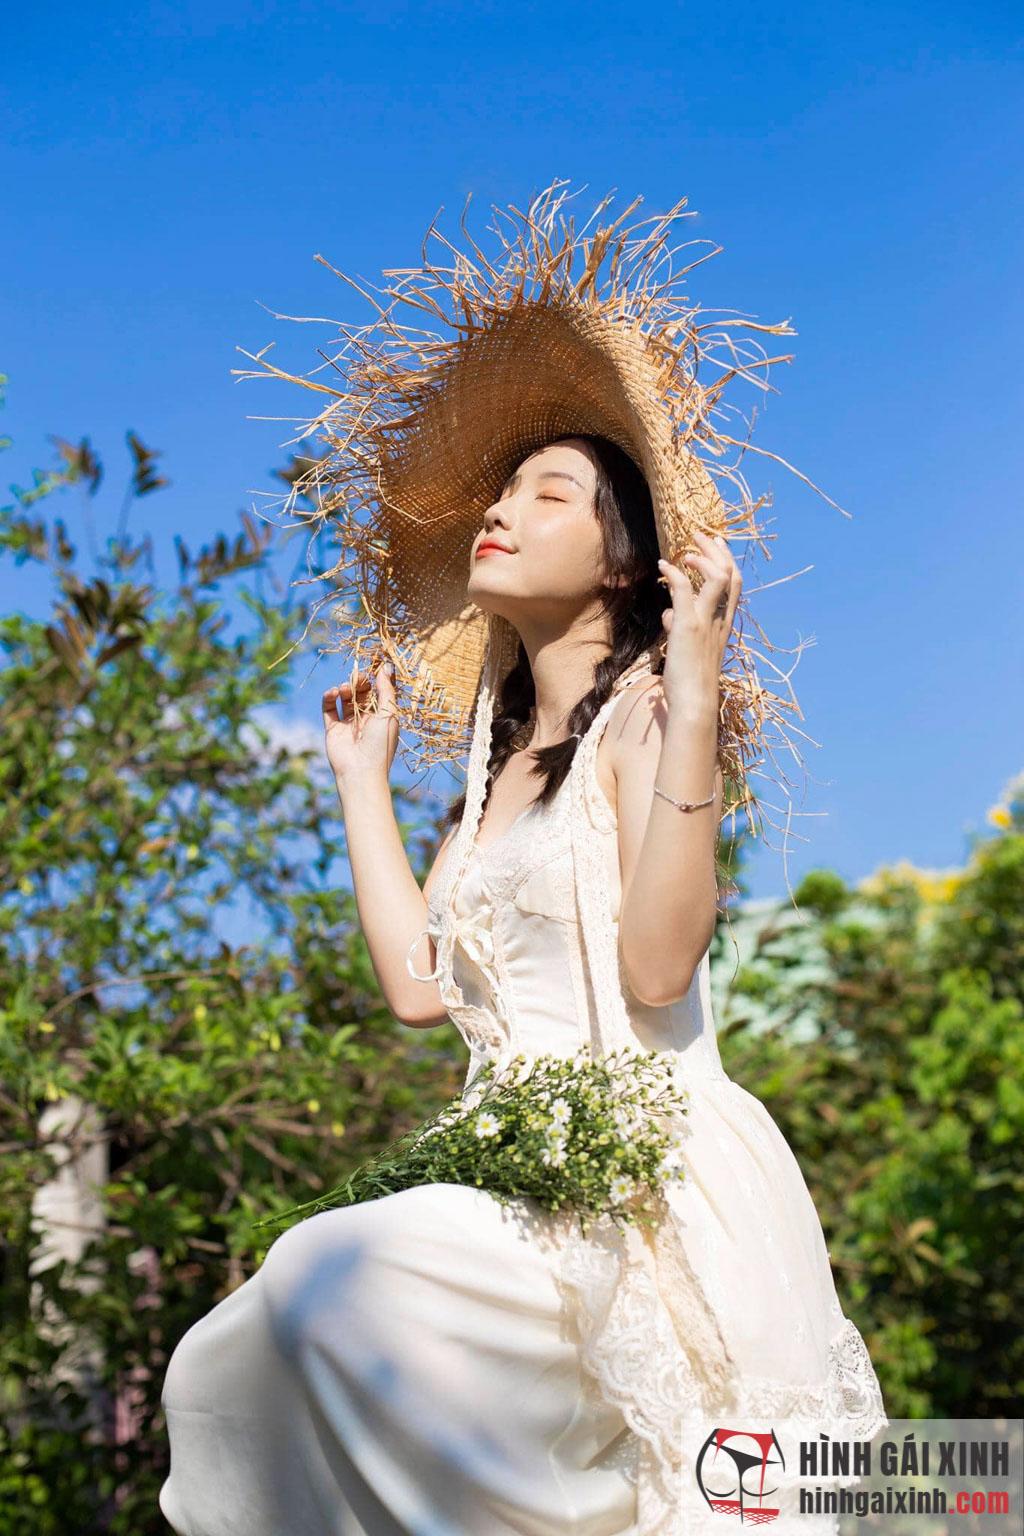 nữ sinh dễ thương với vẻ đẹp trong veo, thánh thiện